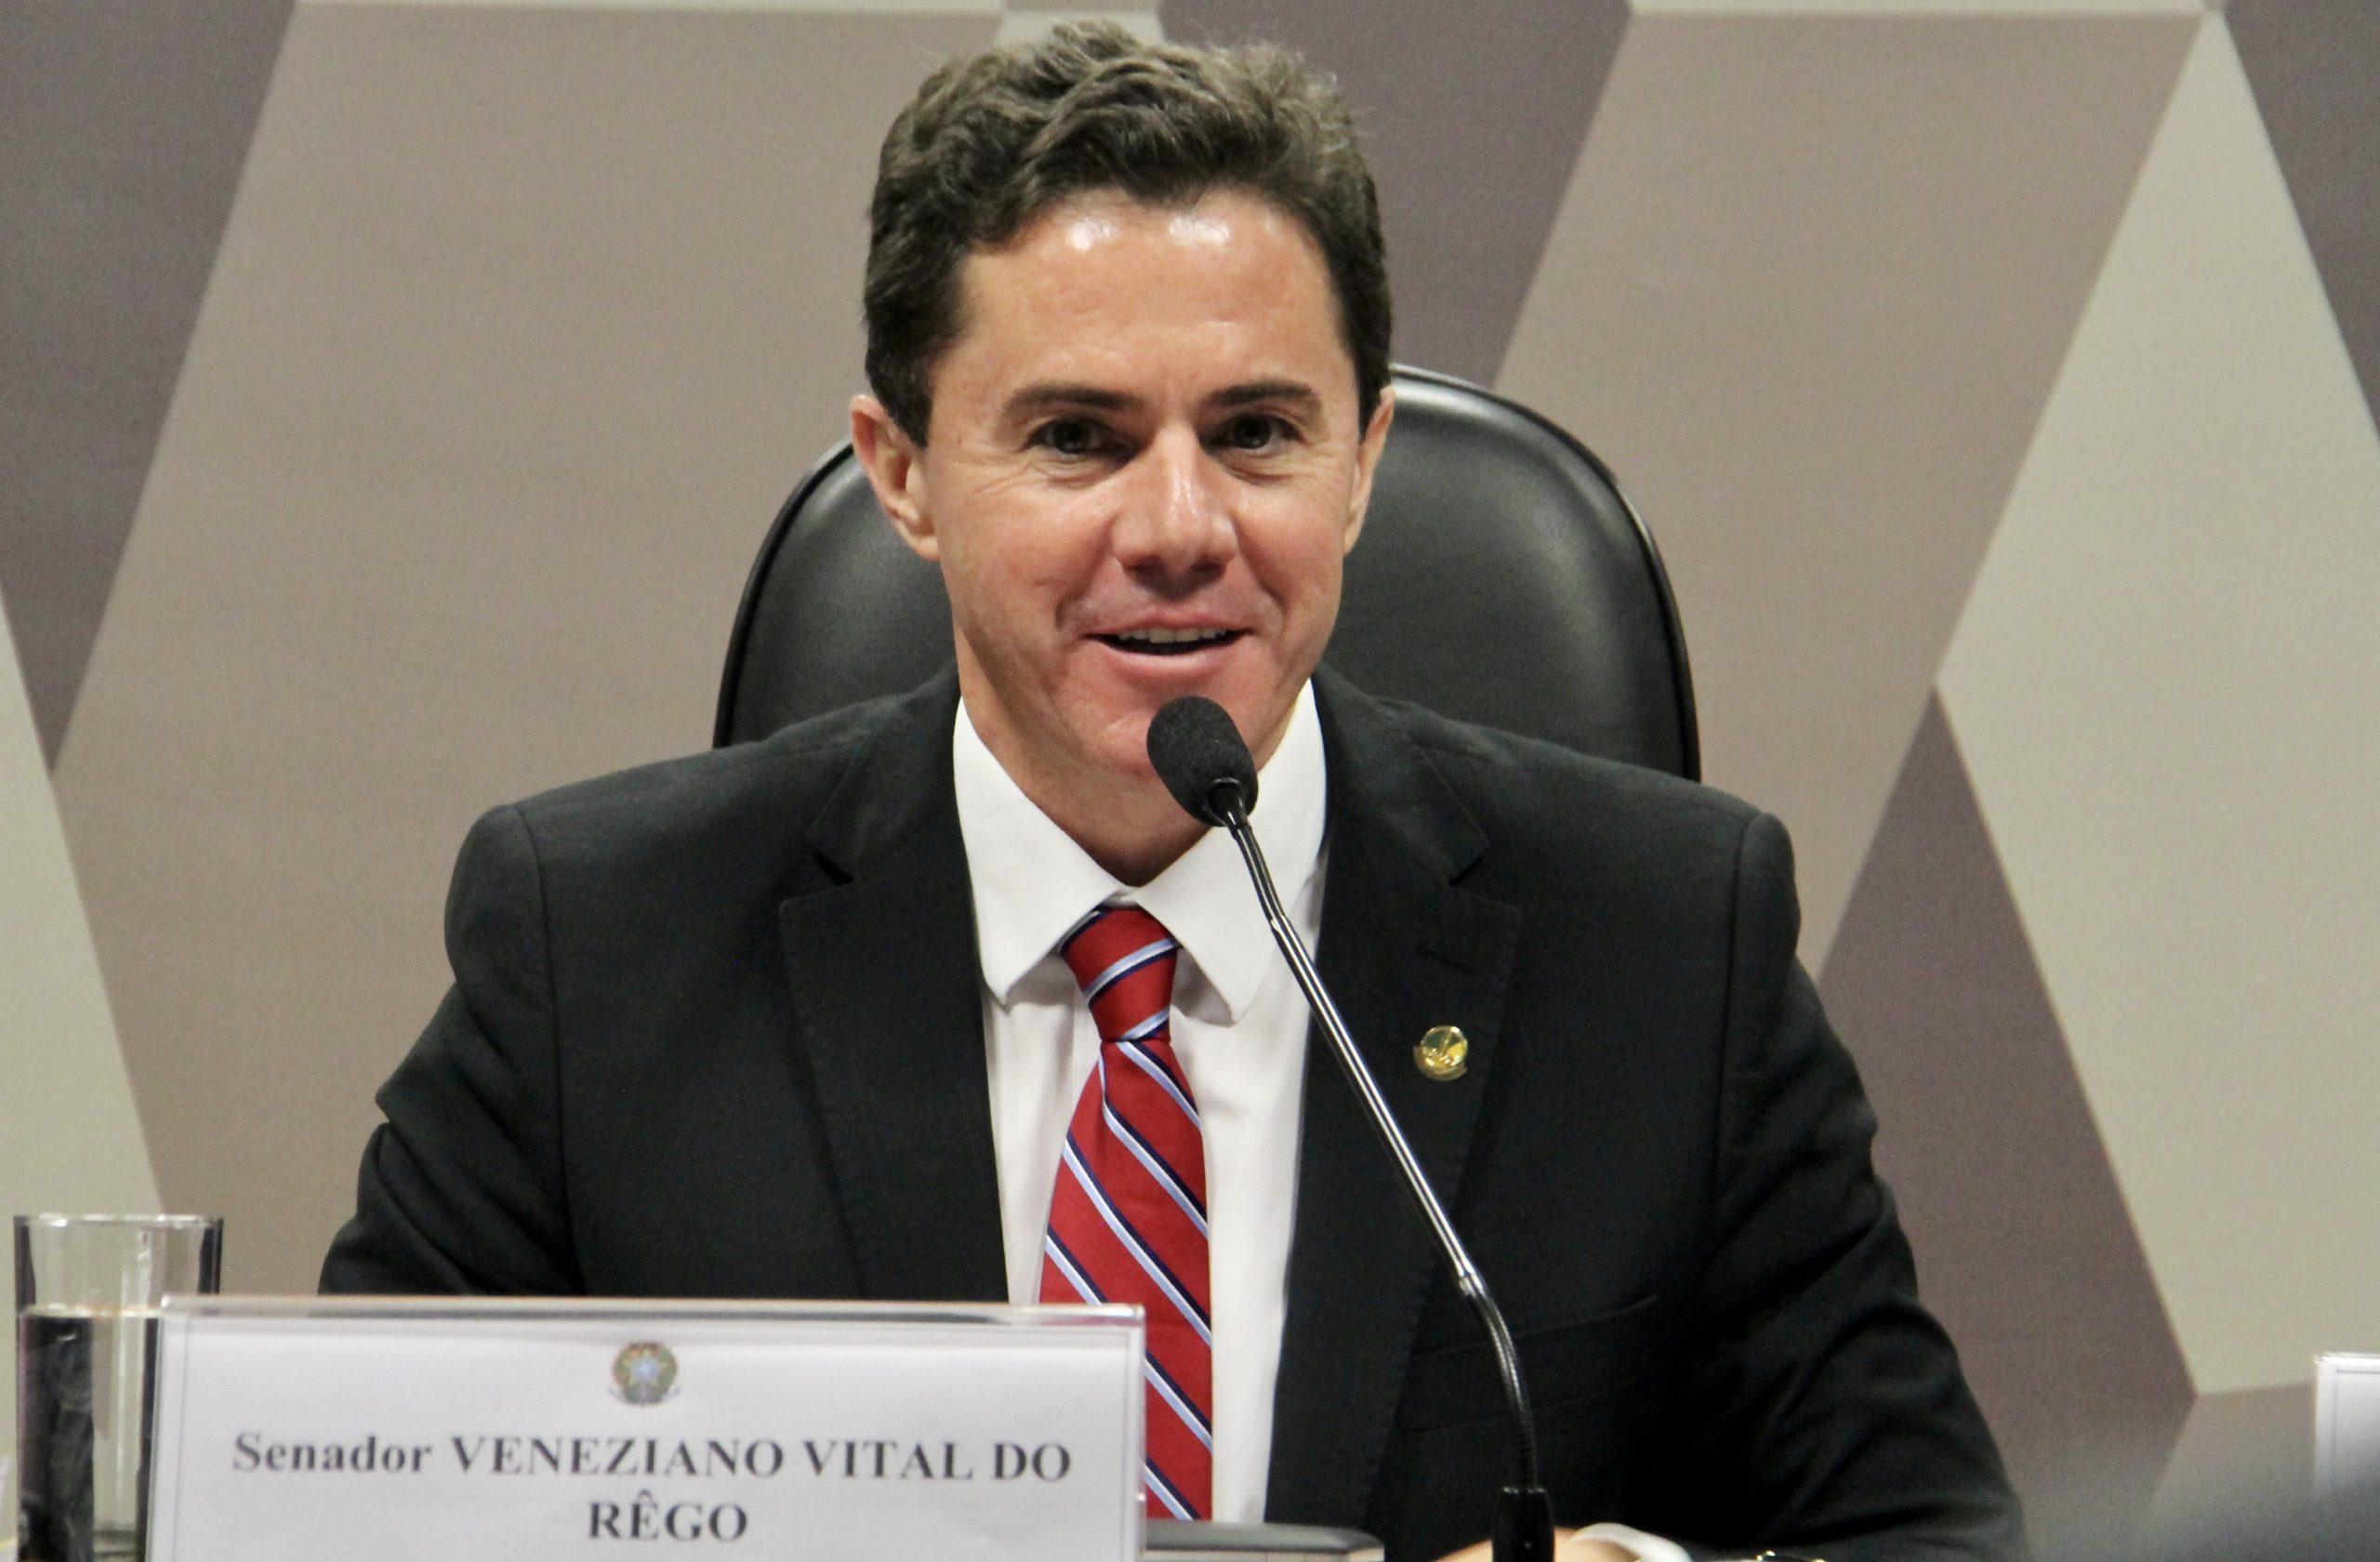 Paraíba Online • Paraibano é eleito entre os 5 senadores mais atuantes do Brasil